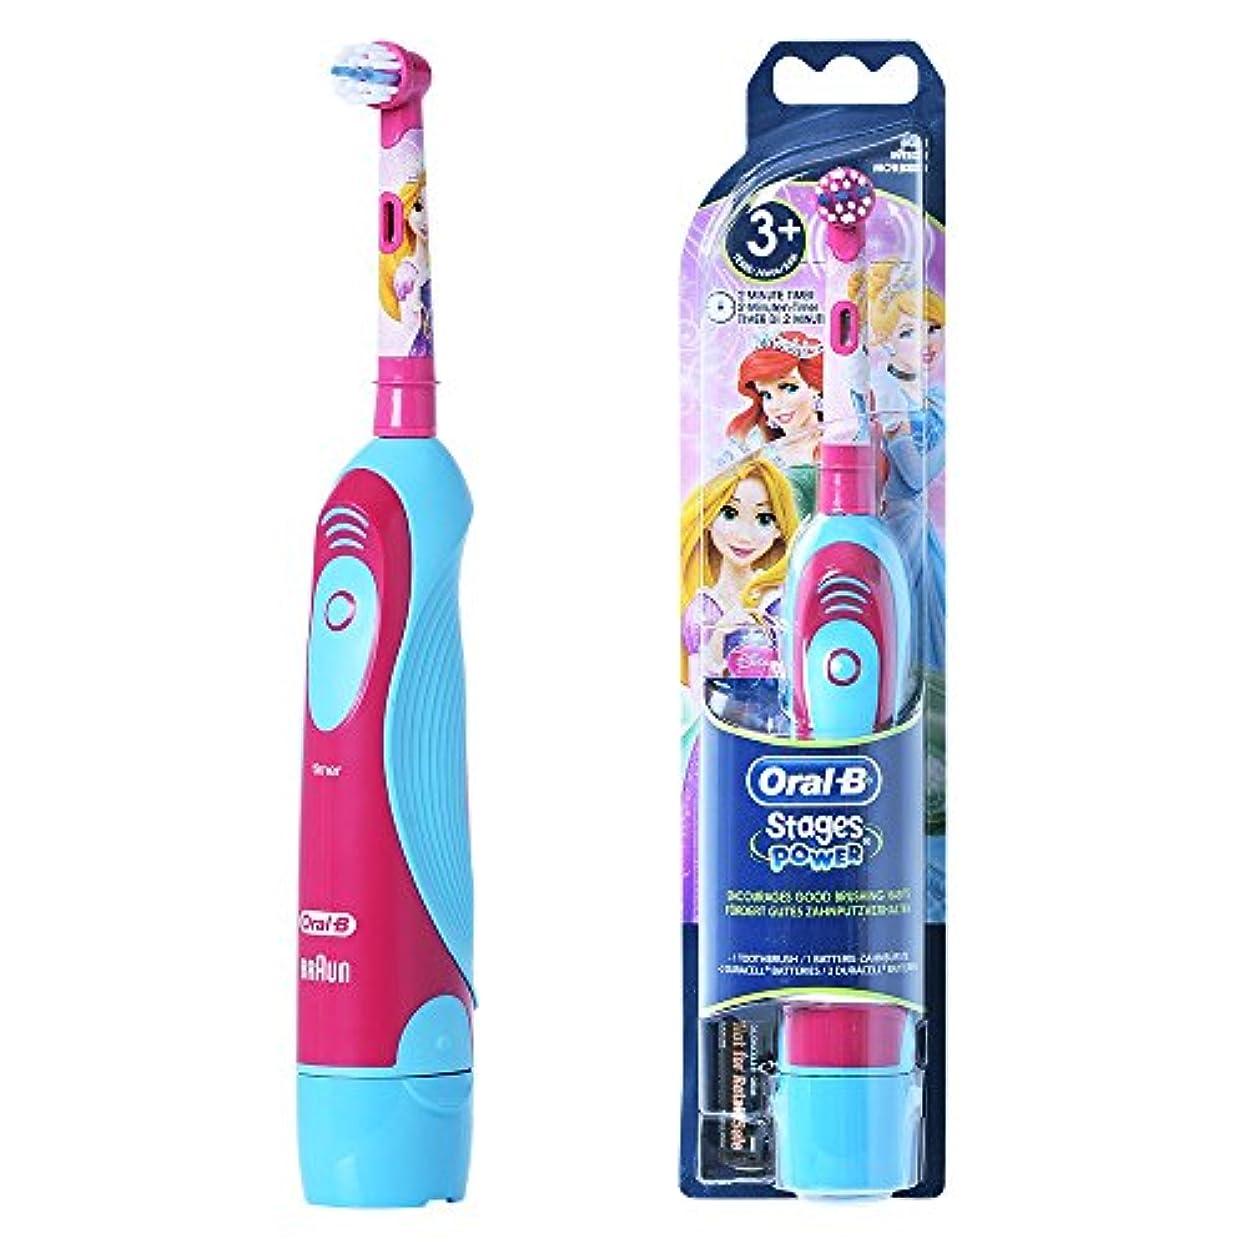 仕立て屋ブラインドアメリカBraun Oral-B D2 D2010 Disney Princess Kids 電動歯ブラシ [並行輸入品]